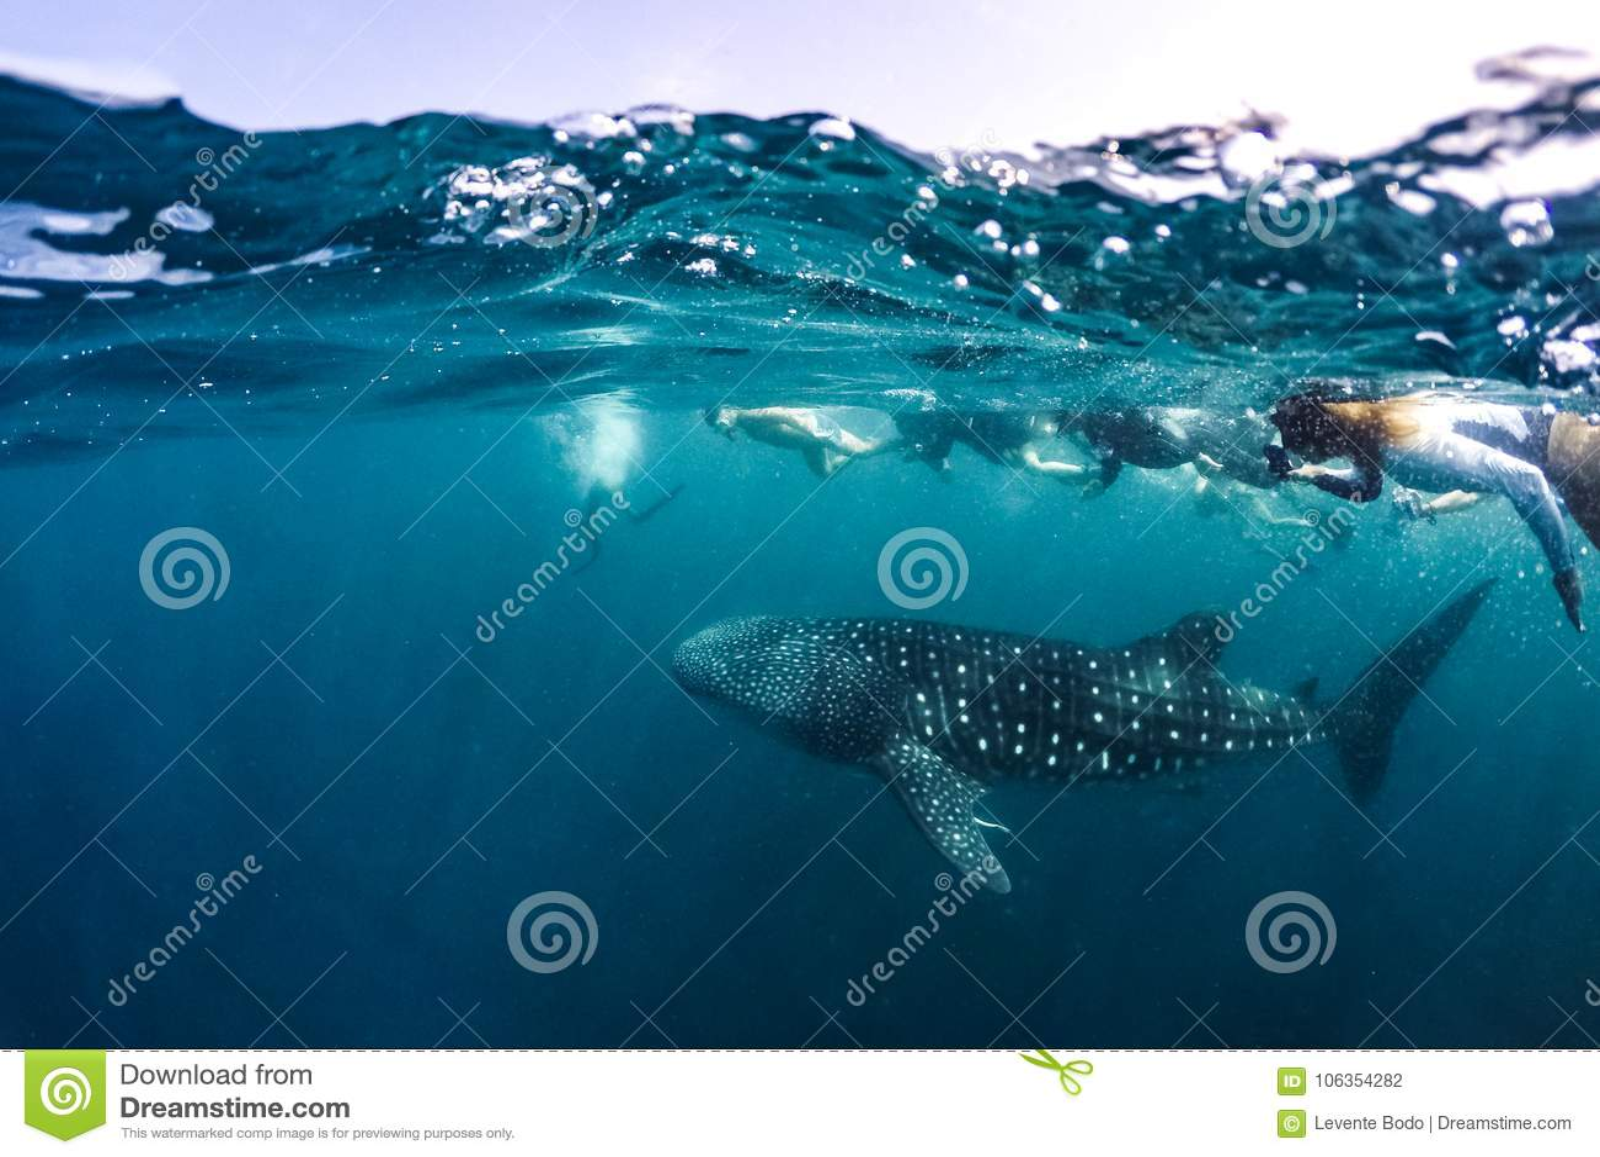 Lo squalo balena e la gente si immergono la vita marina di scena subacquea al sole nel mare blu Immergersi e scuba Maldive underw